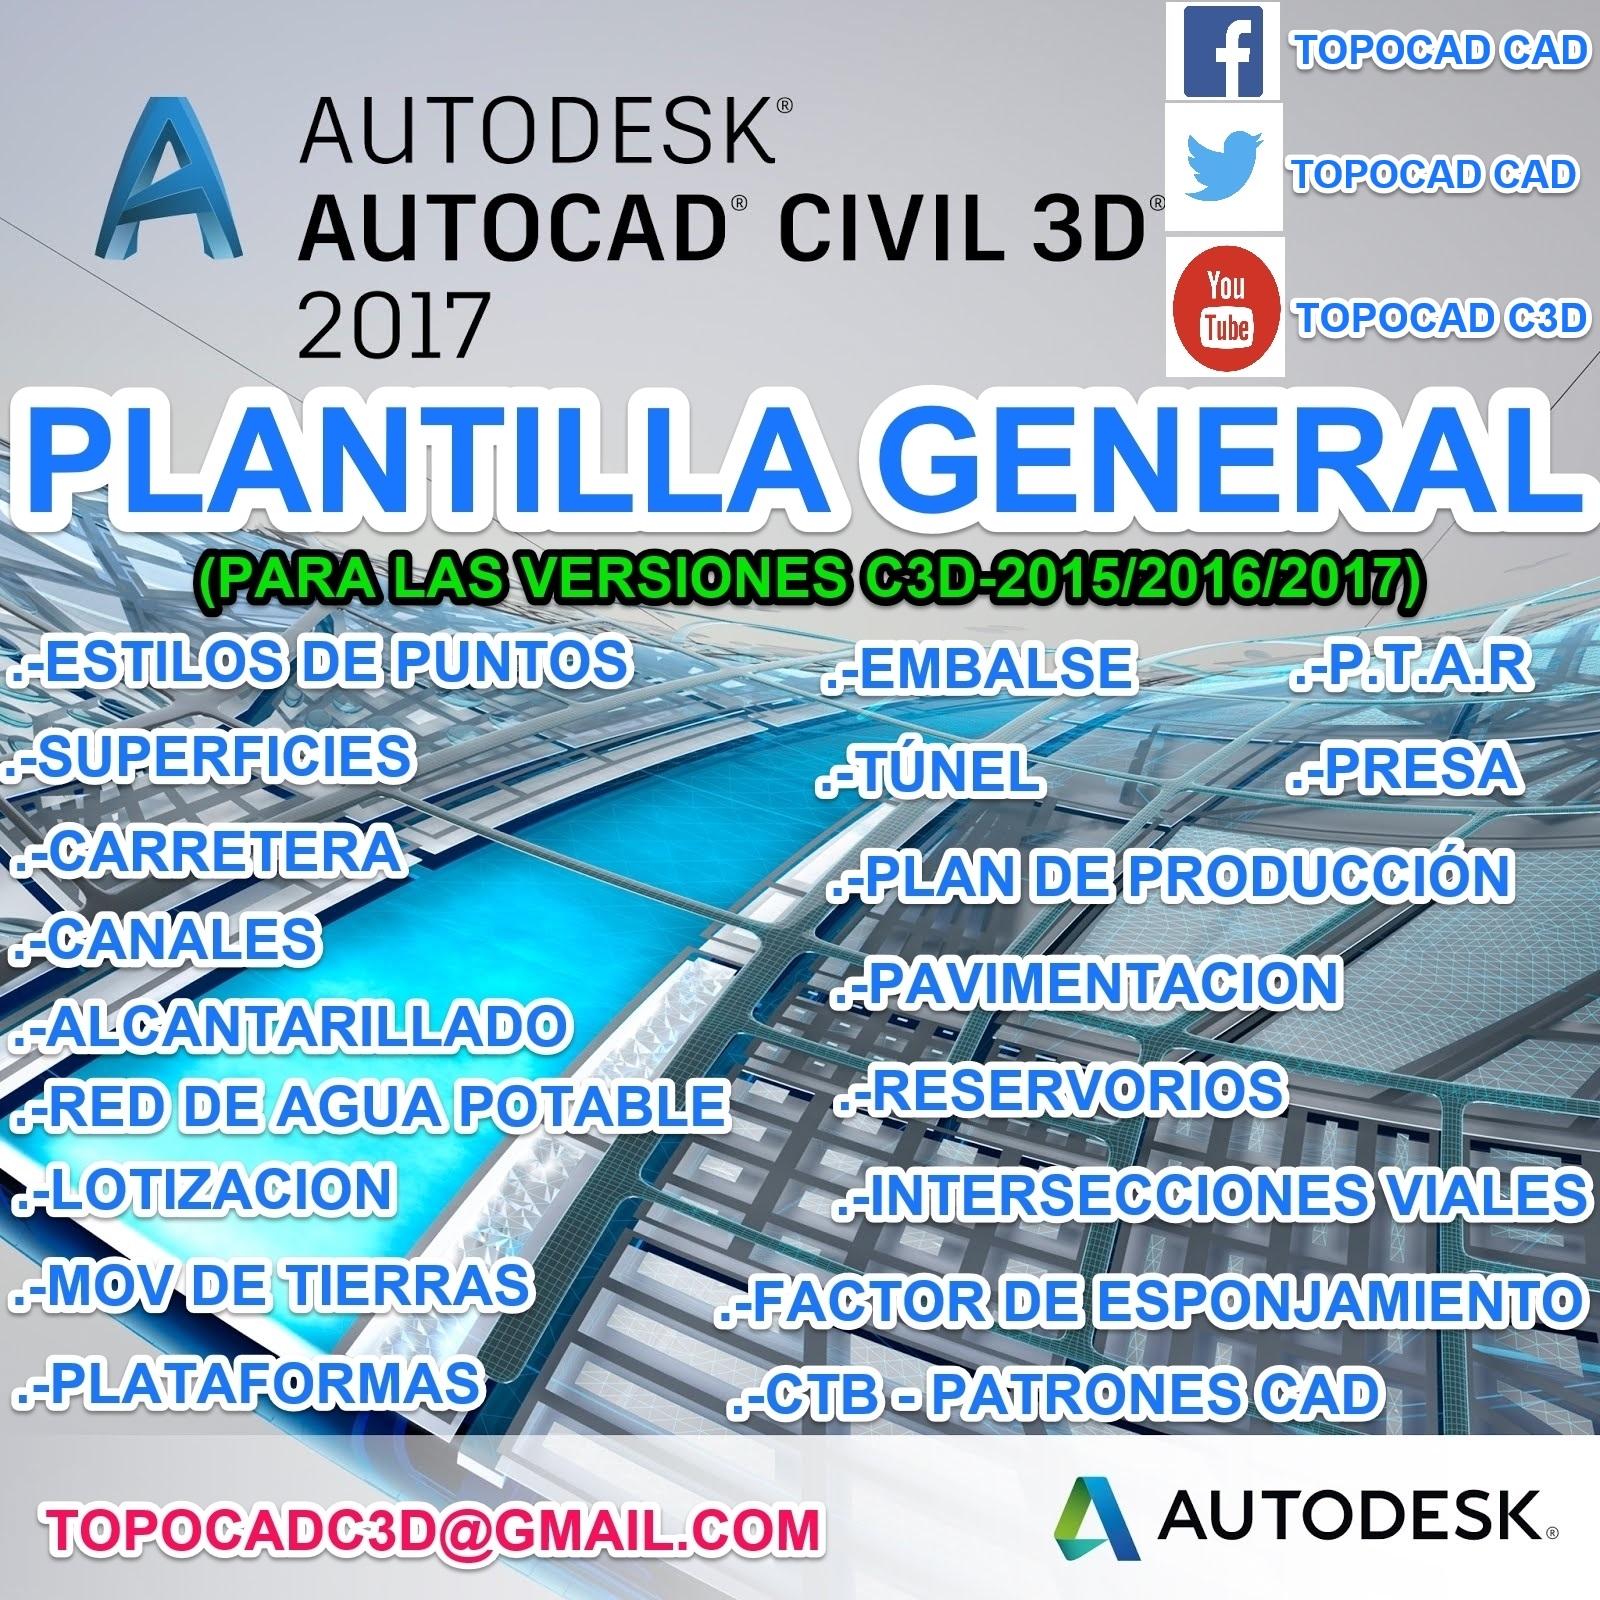 Solucionado: CREAR UNA PLANTILLA EN CIVIL 3D - Autodesk Community ...